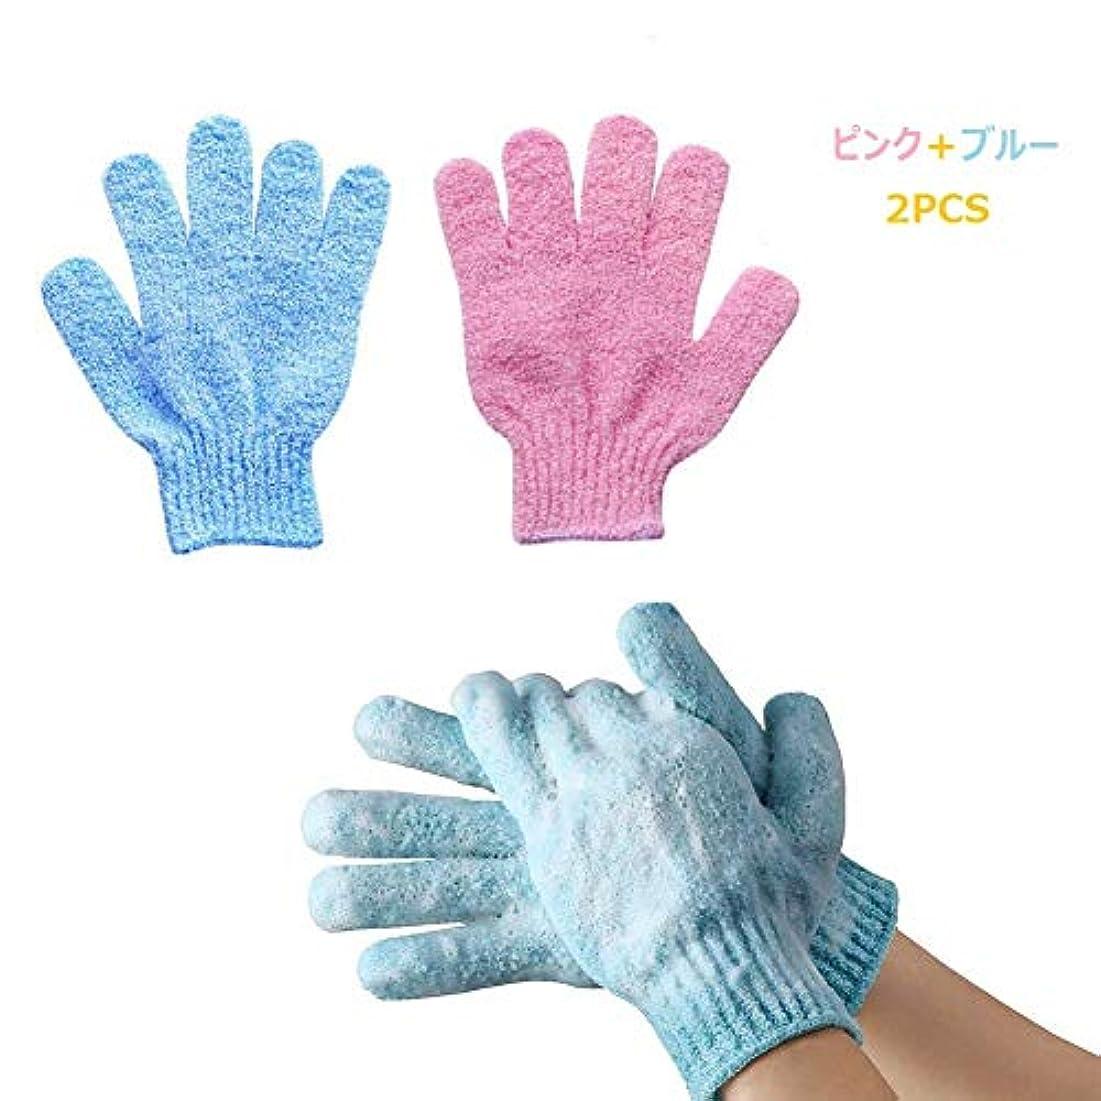 ファイター補助それらROOFTOPS お風呂手袋 五本指 シャワーグローブ 泡立ち 柔らかい 入浴用品 角質除去 垢すり 2PCS (ピンク+ブルー)